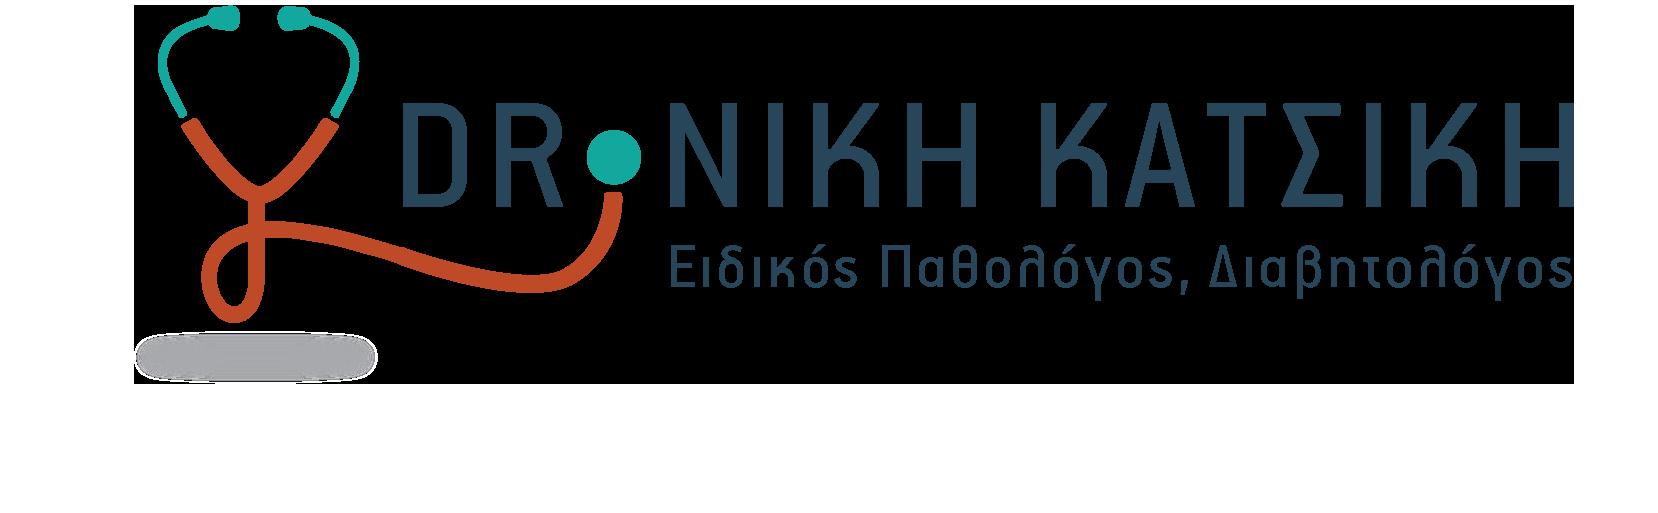 Θεσσαλονίκη - Ειδικός Παθολόγος, Διαβητολόγος | Δρ. Νίκη Κατσίκη